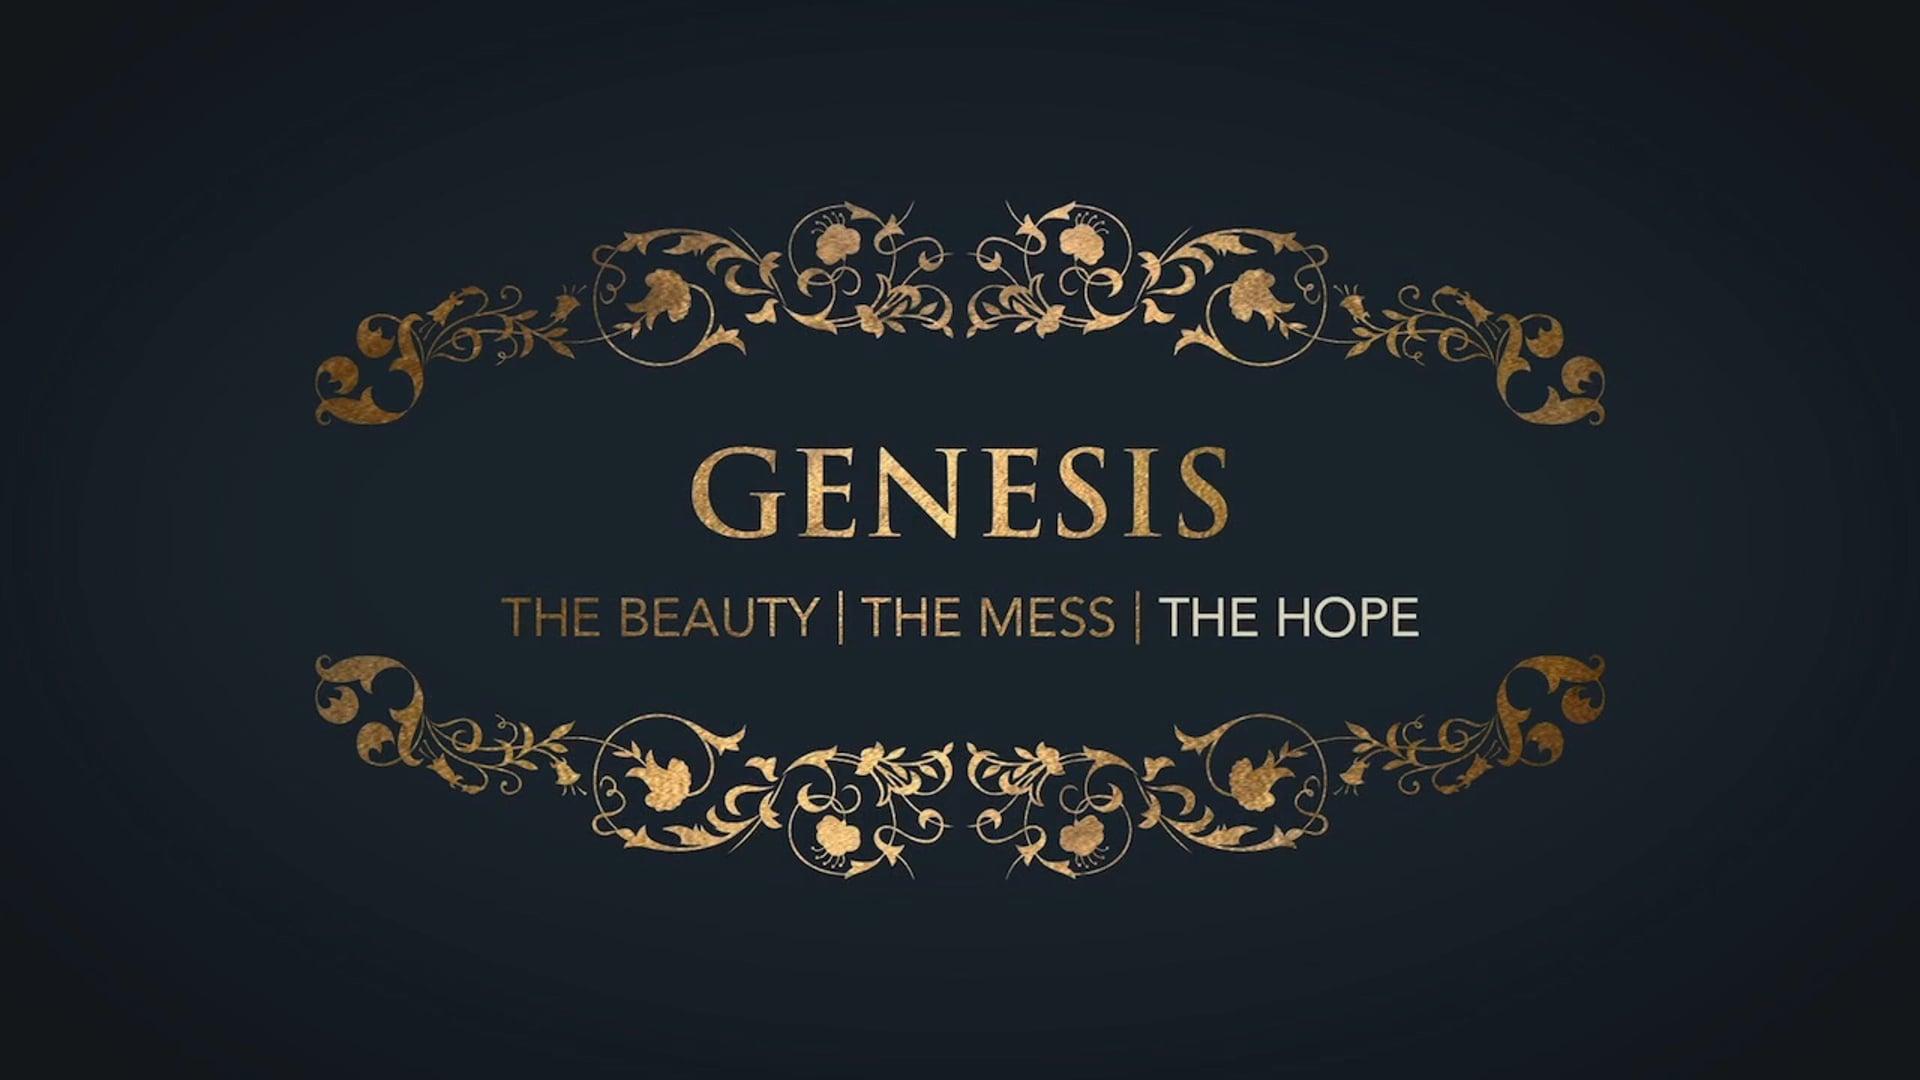 Week 4: Genesis: Hope in the God of Blessing